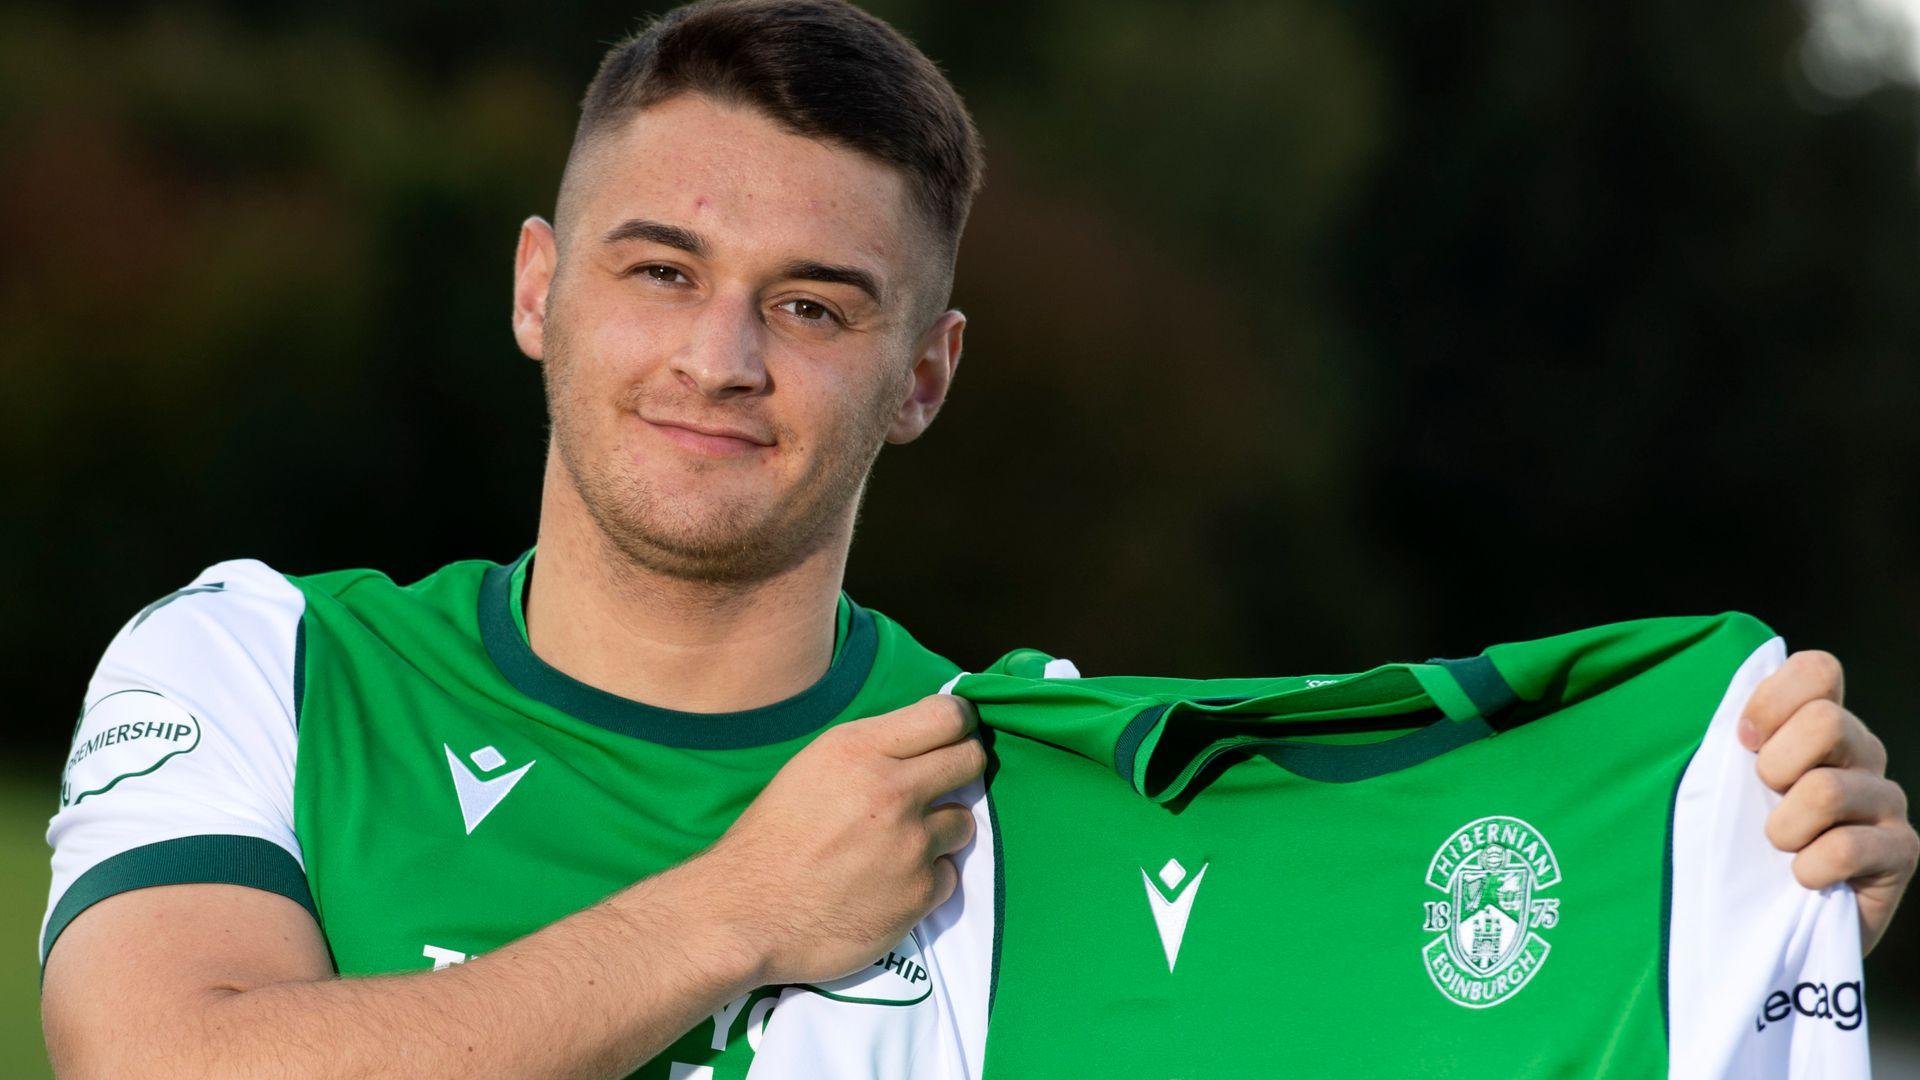 Hibs sign Magennis from St Mirren